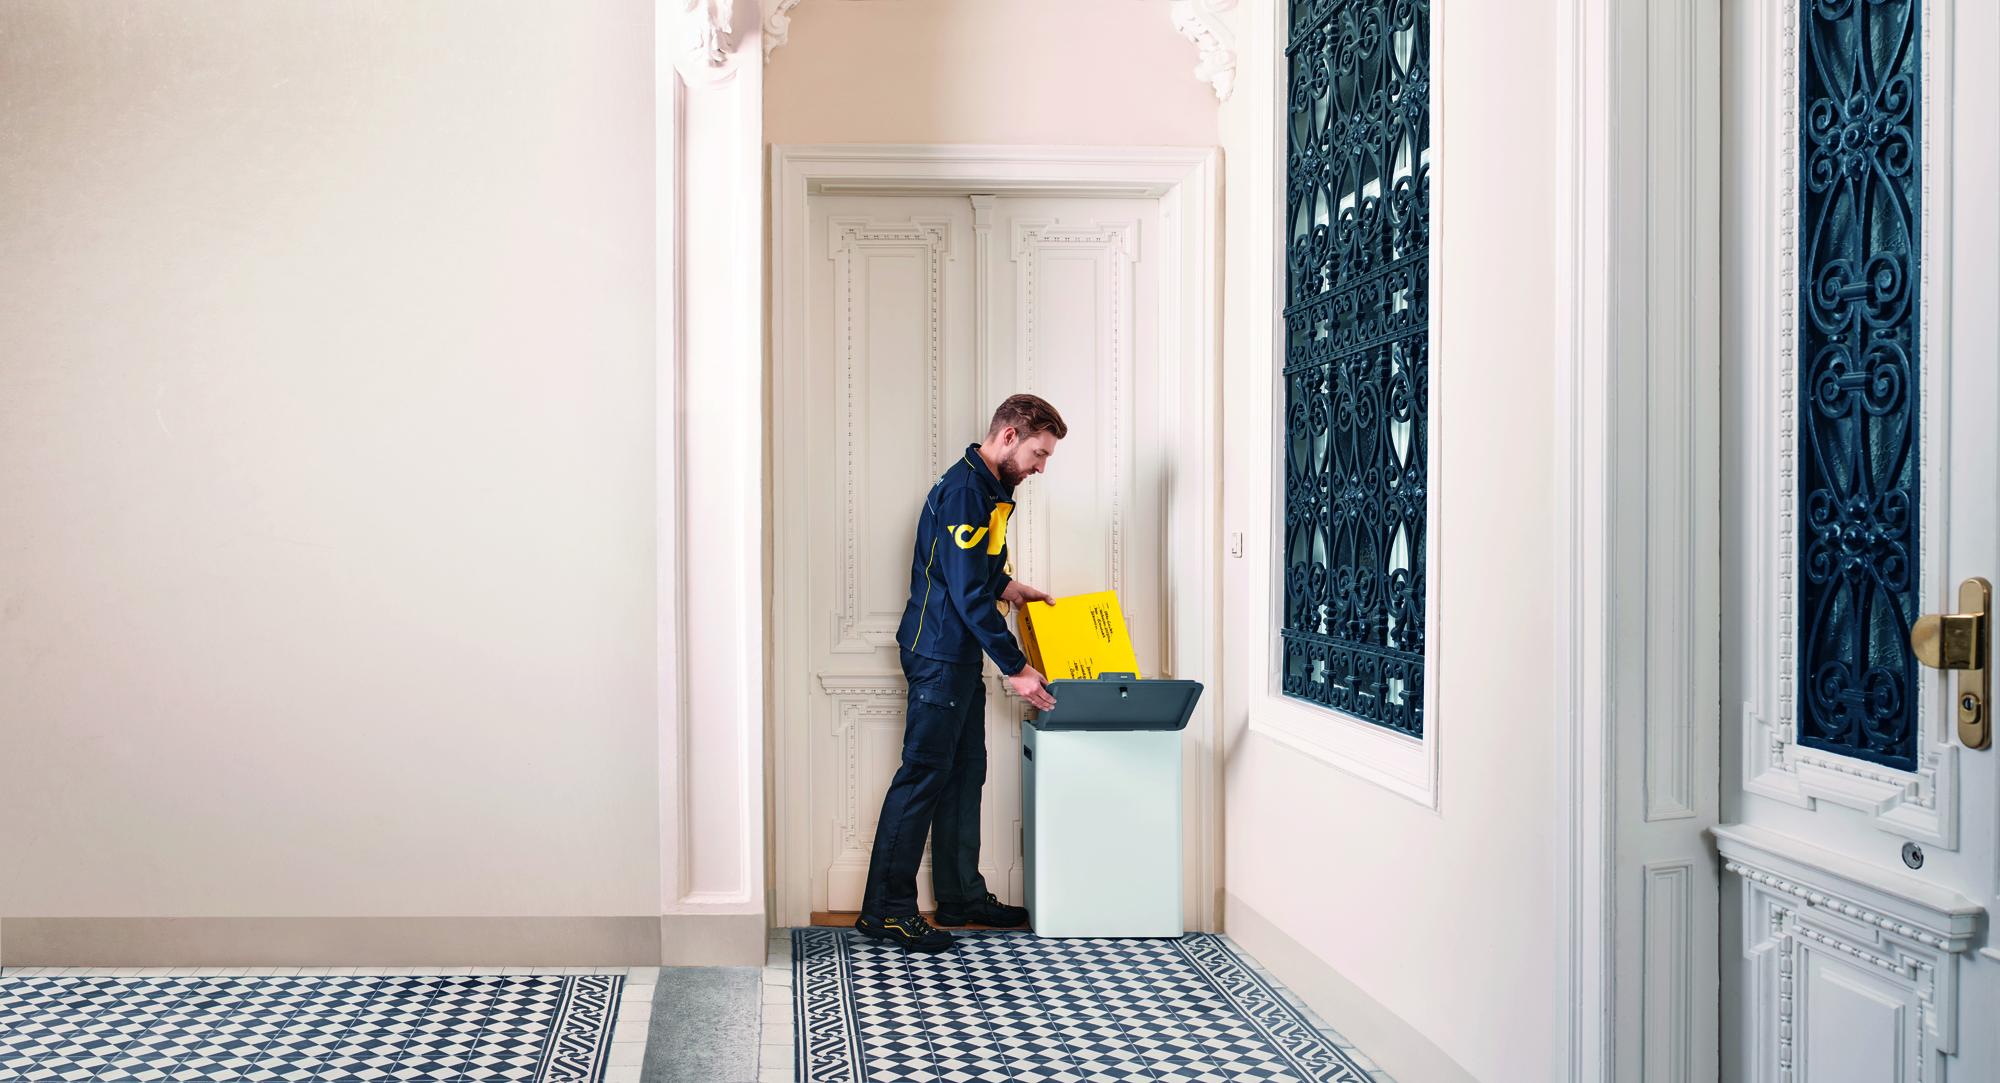 paketzustellung der sterreichischen post aeiou sterreich lexikon im austria forum. Black Bedroom Furniture Sets. Home Design Ideas